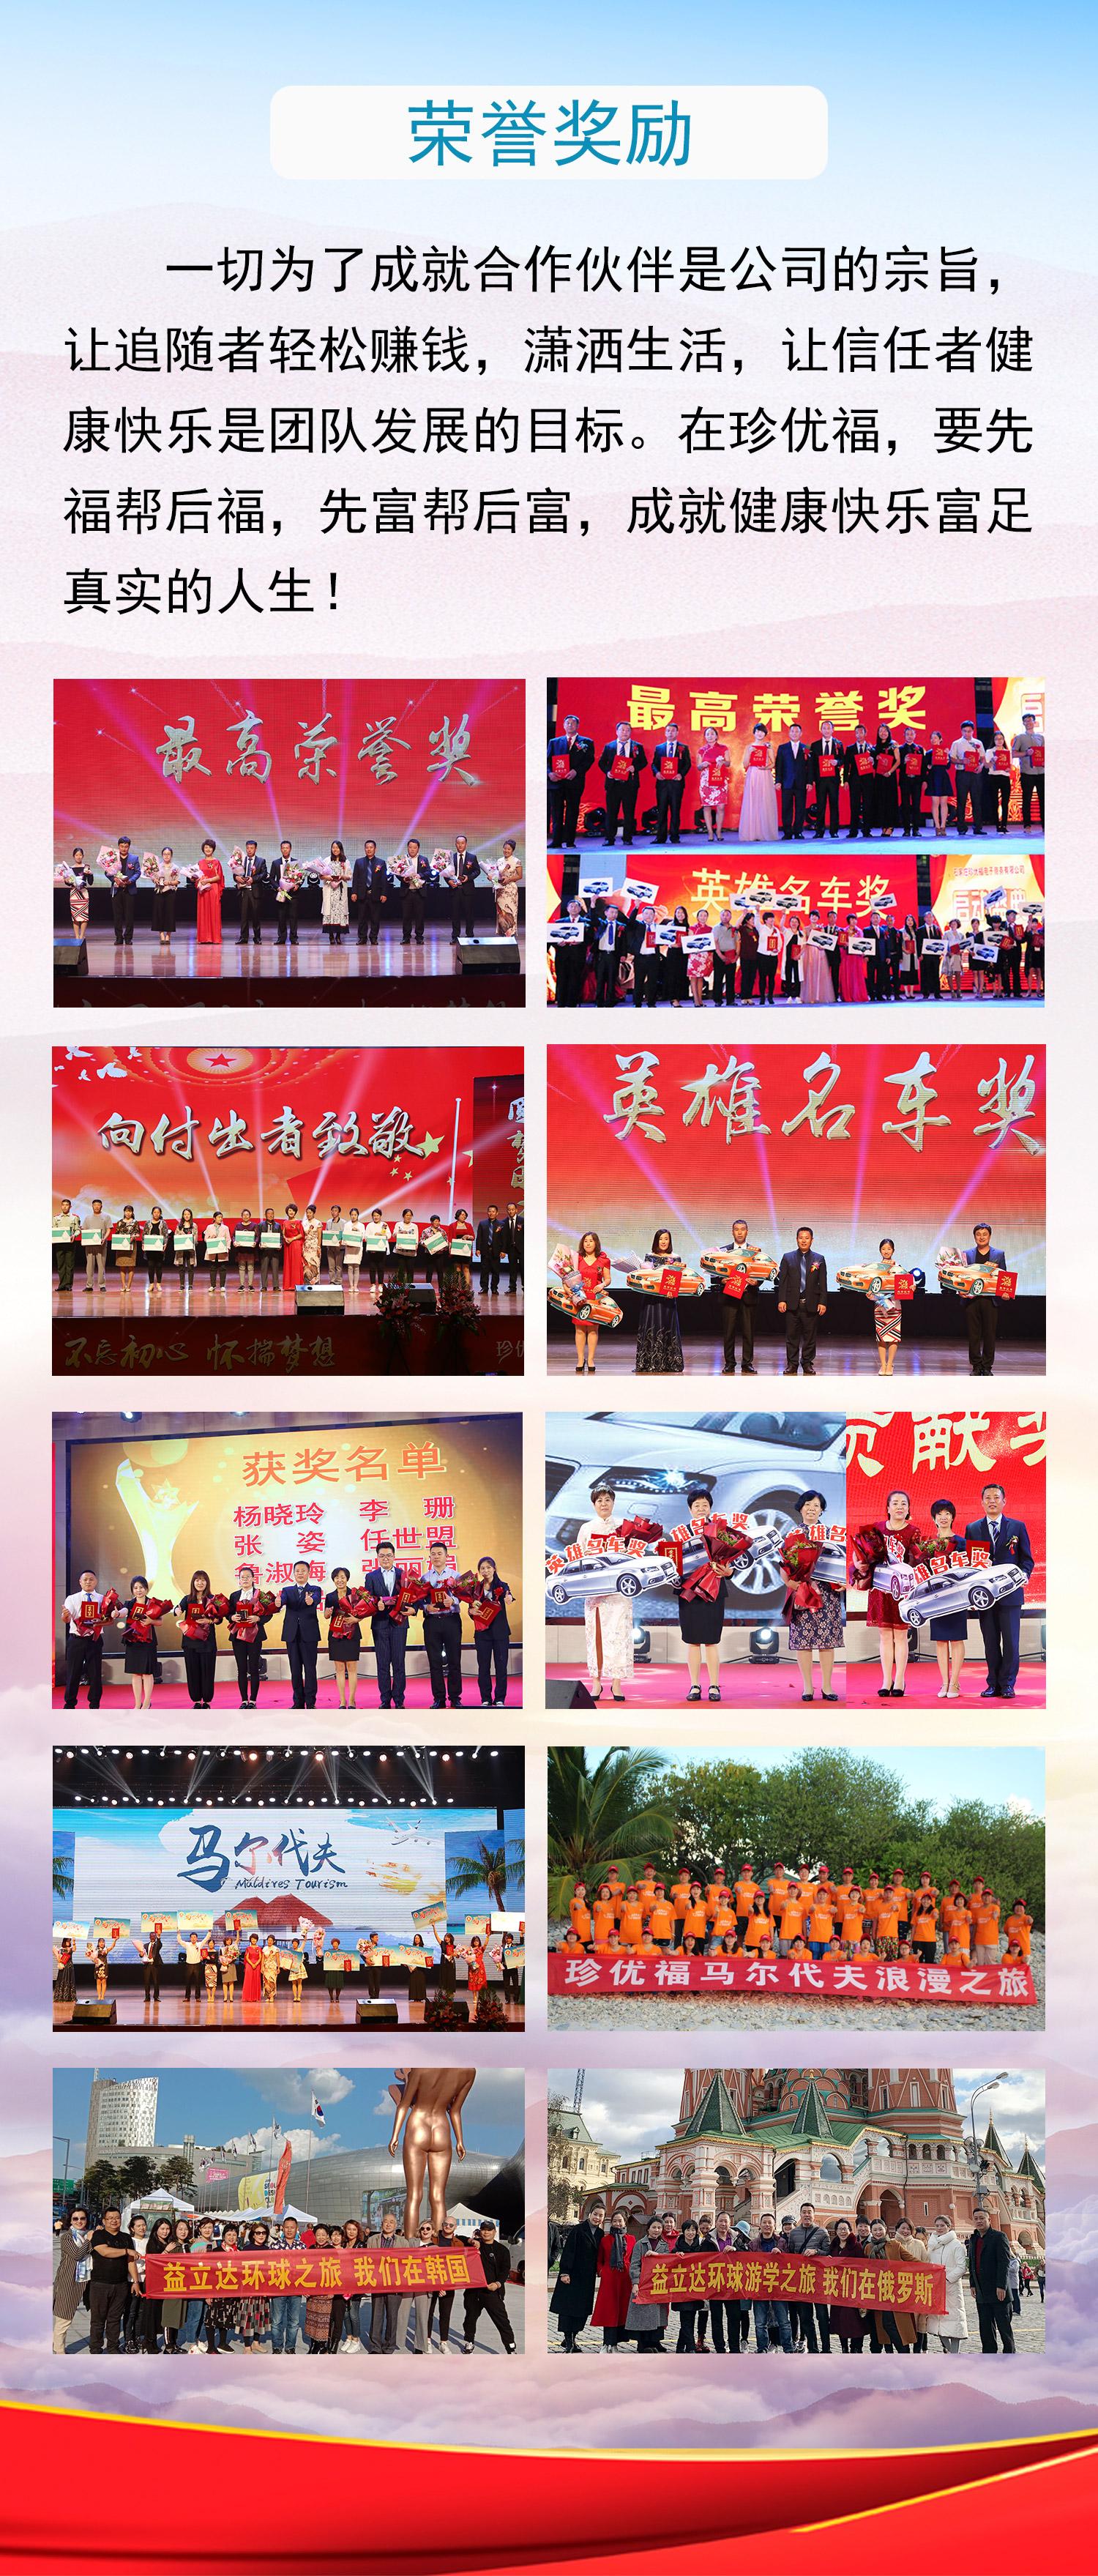 http://image.zhenyoufu.com.cn/shop/article/06711082967705674.jpg